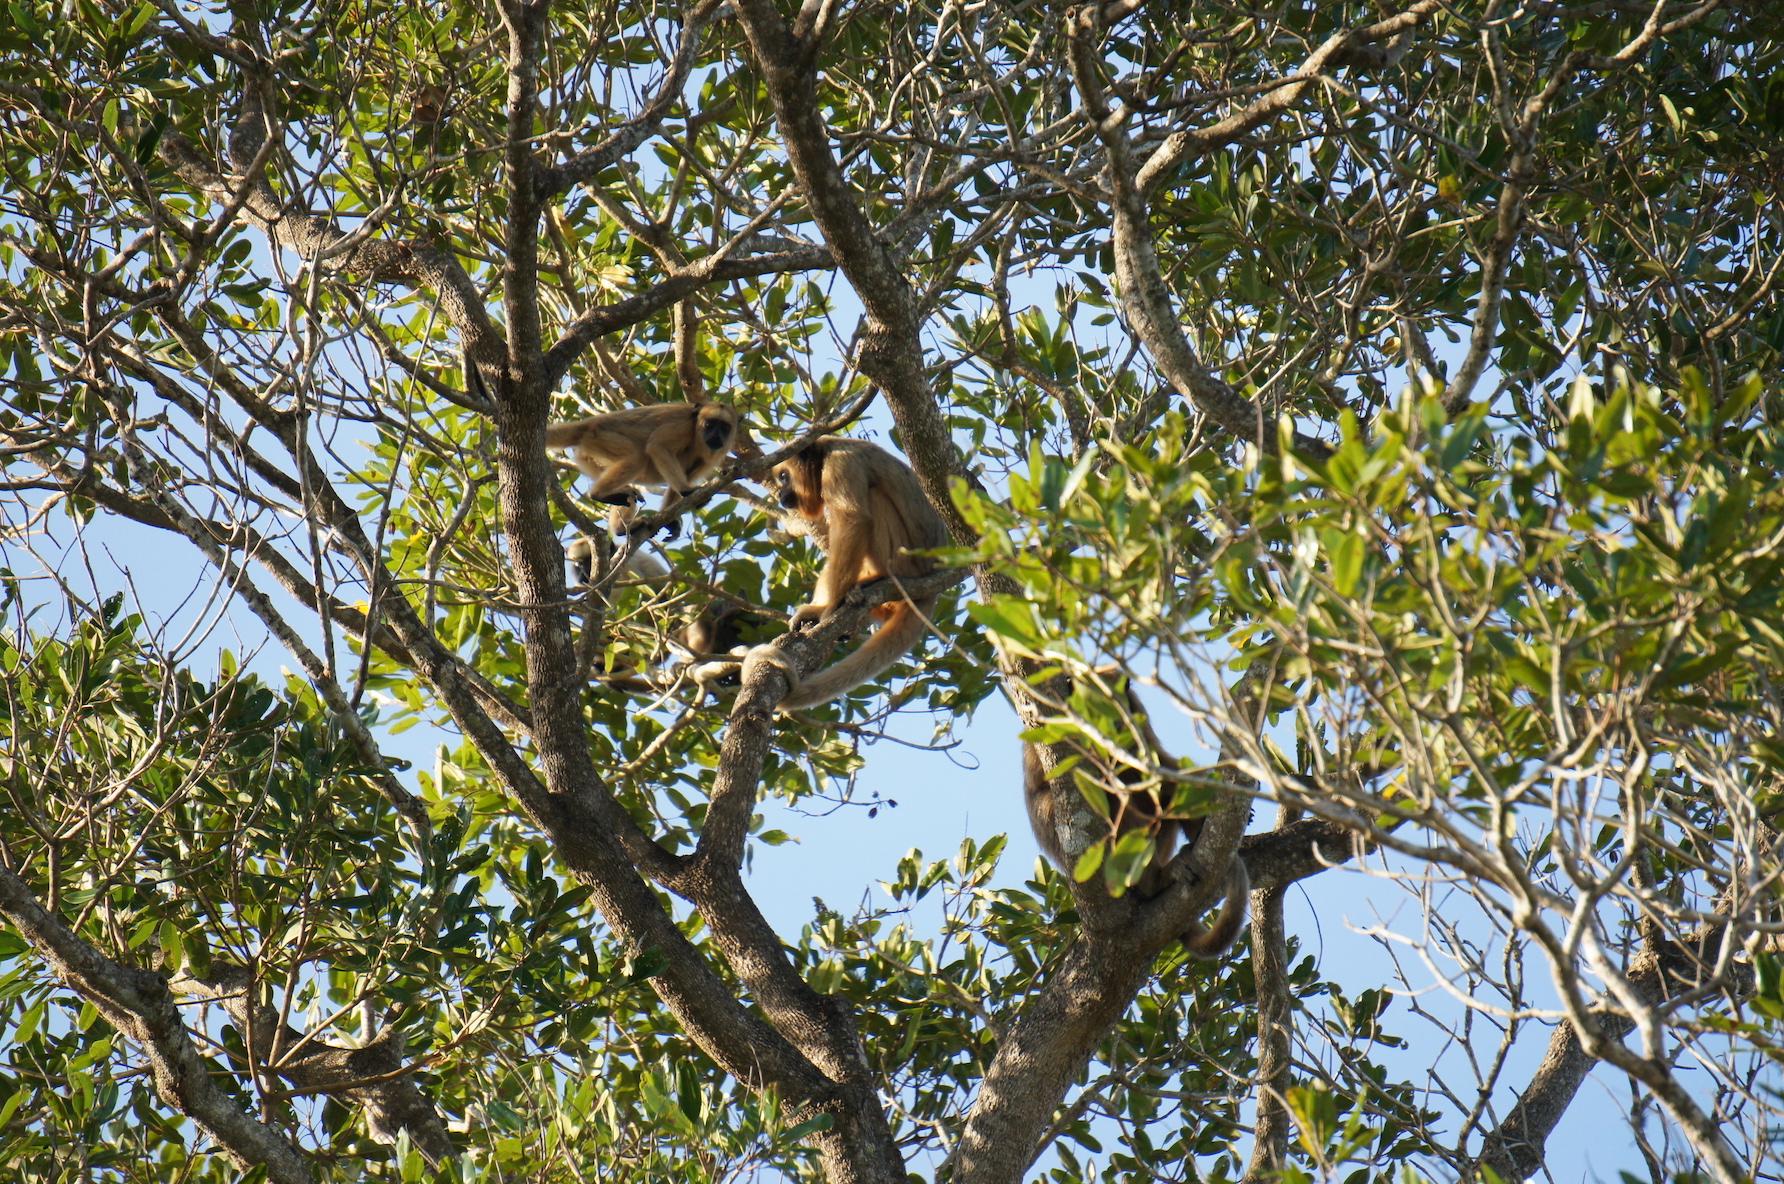 Пантанал - лучший заповедник в Бразилии для наблюдения животных